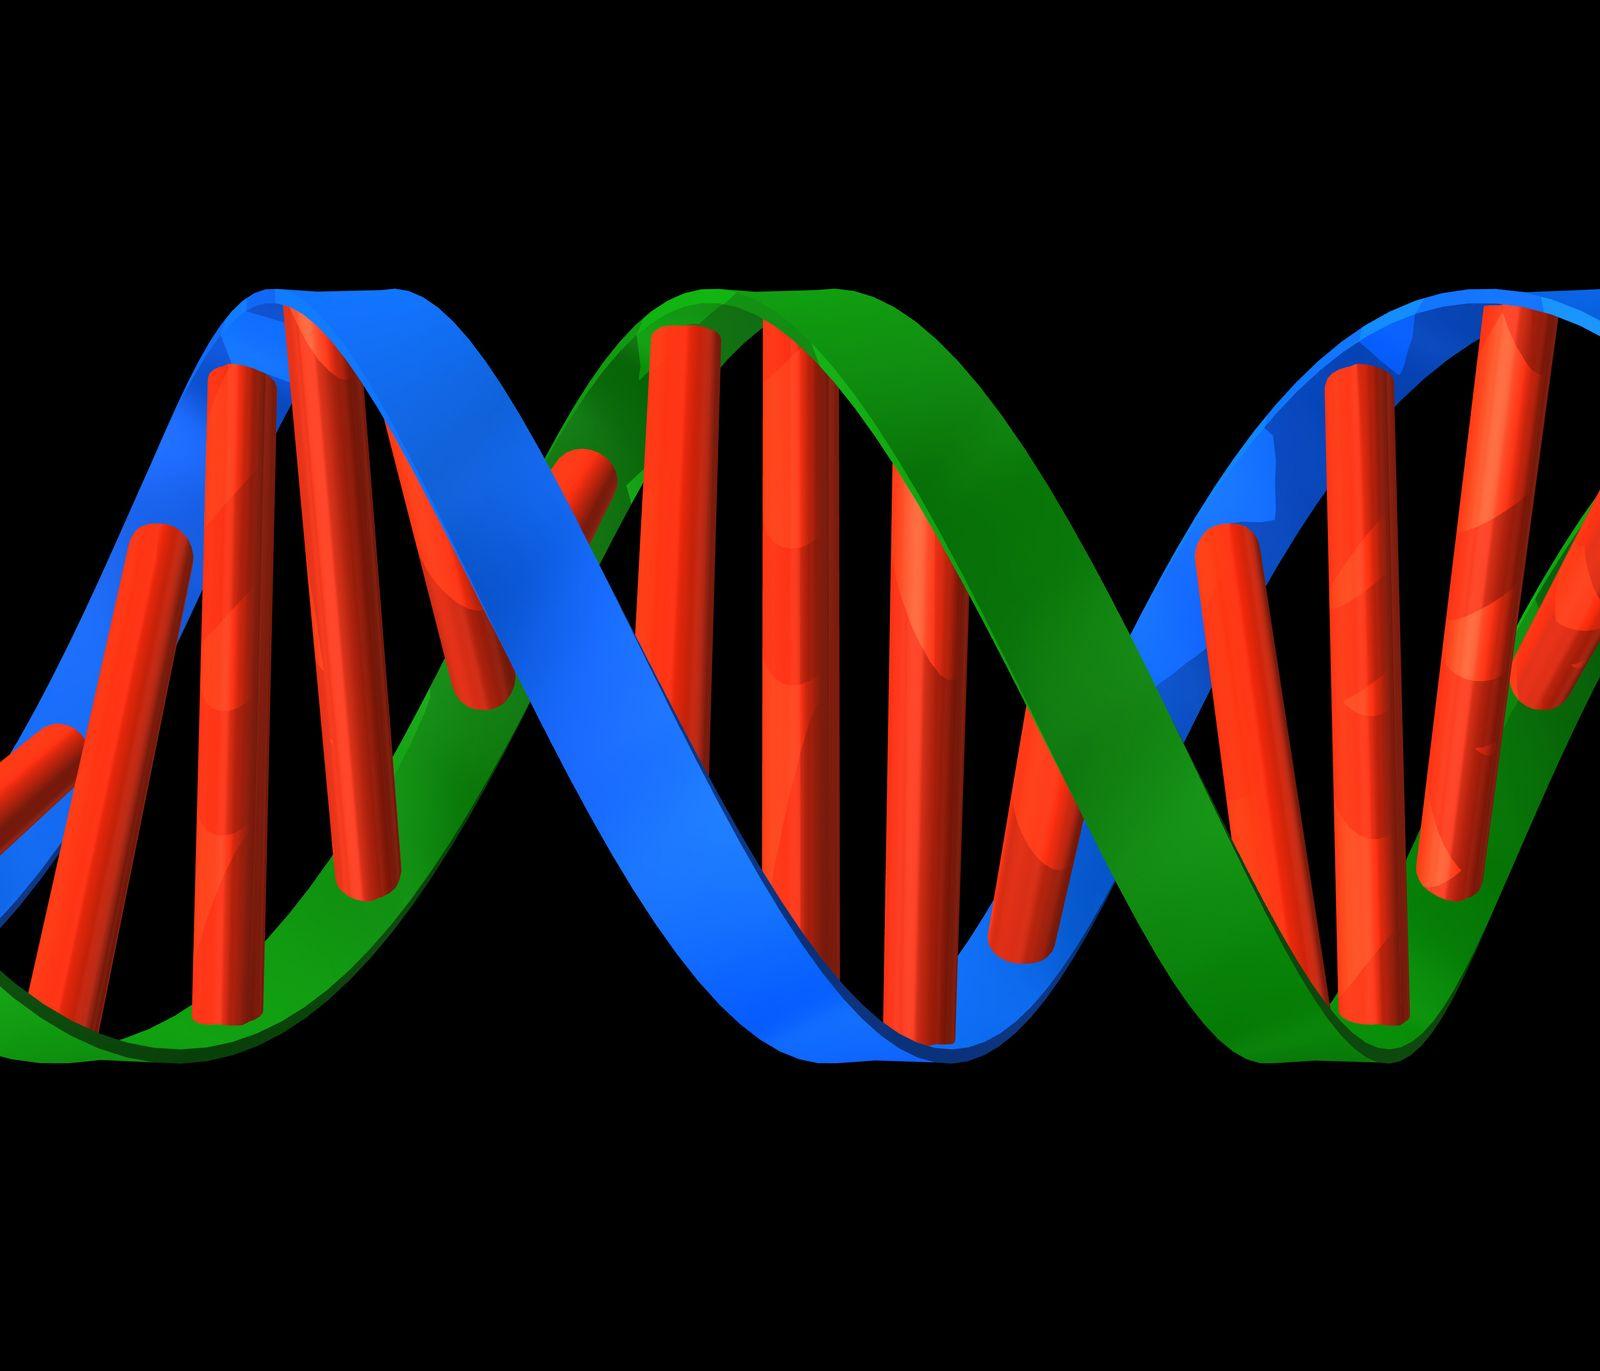 NICHT MEHR VERWENDEN! - DNA Molekül